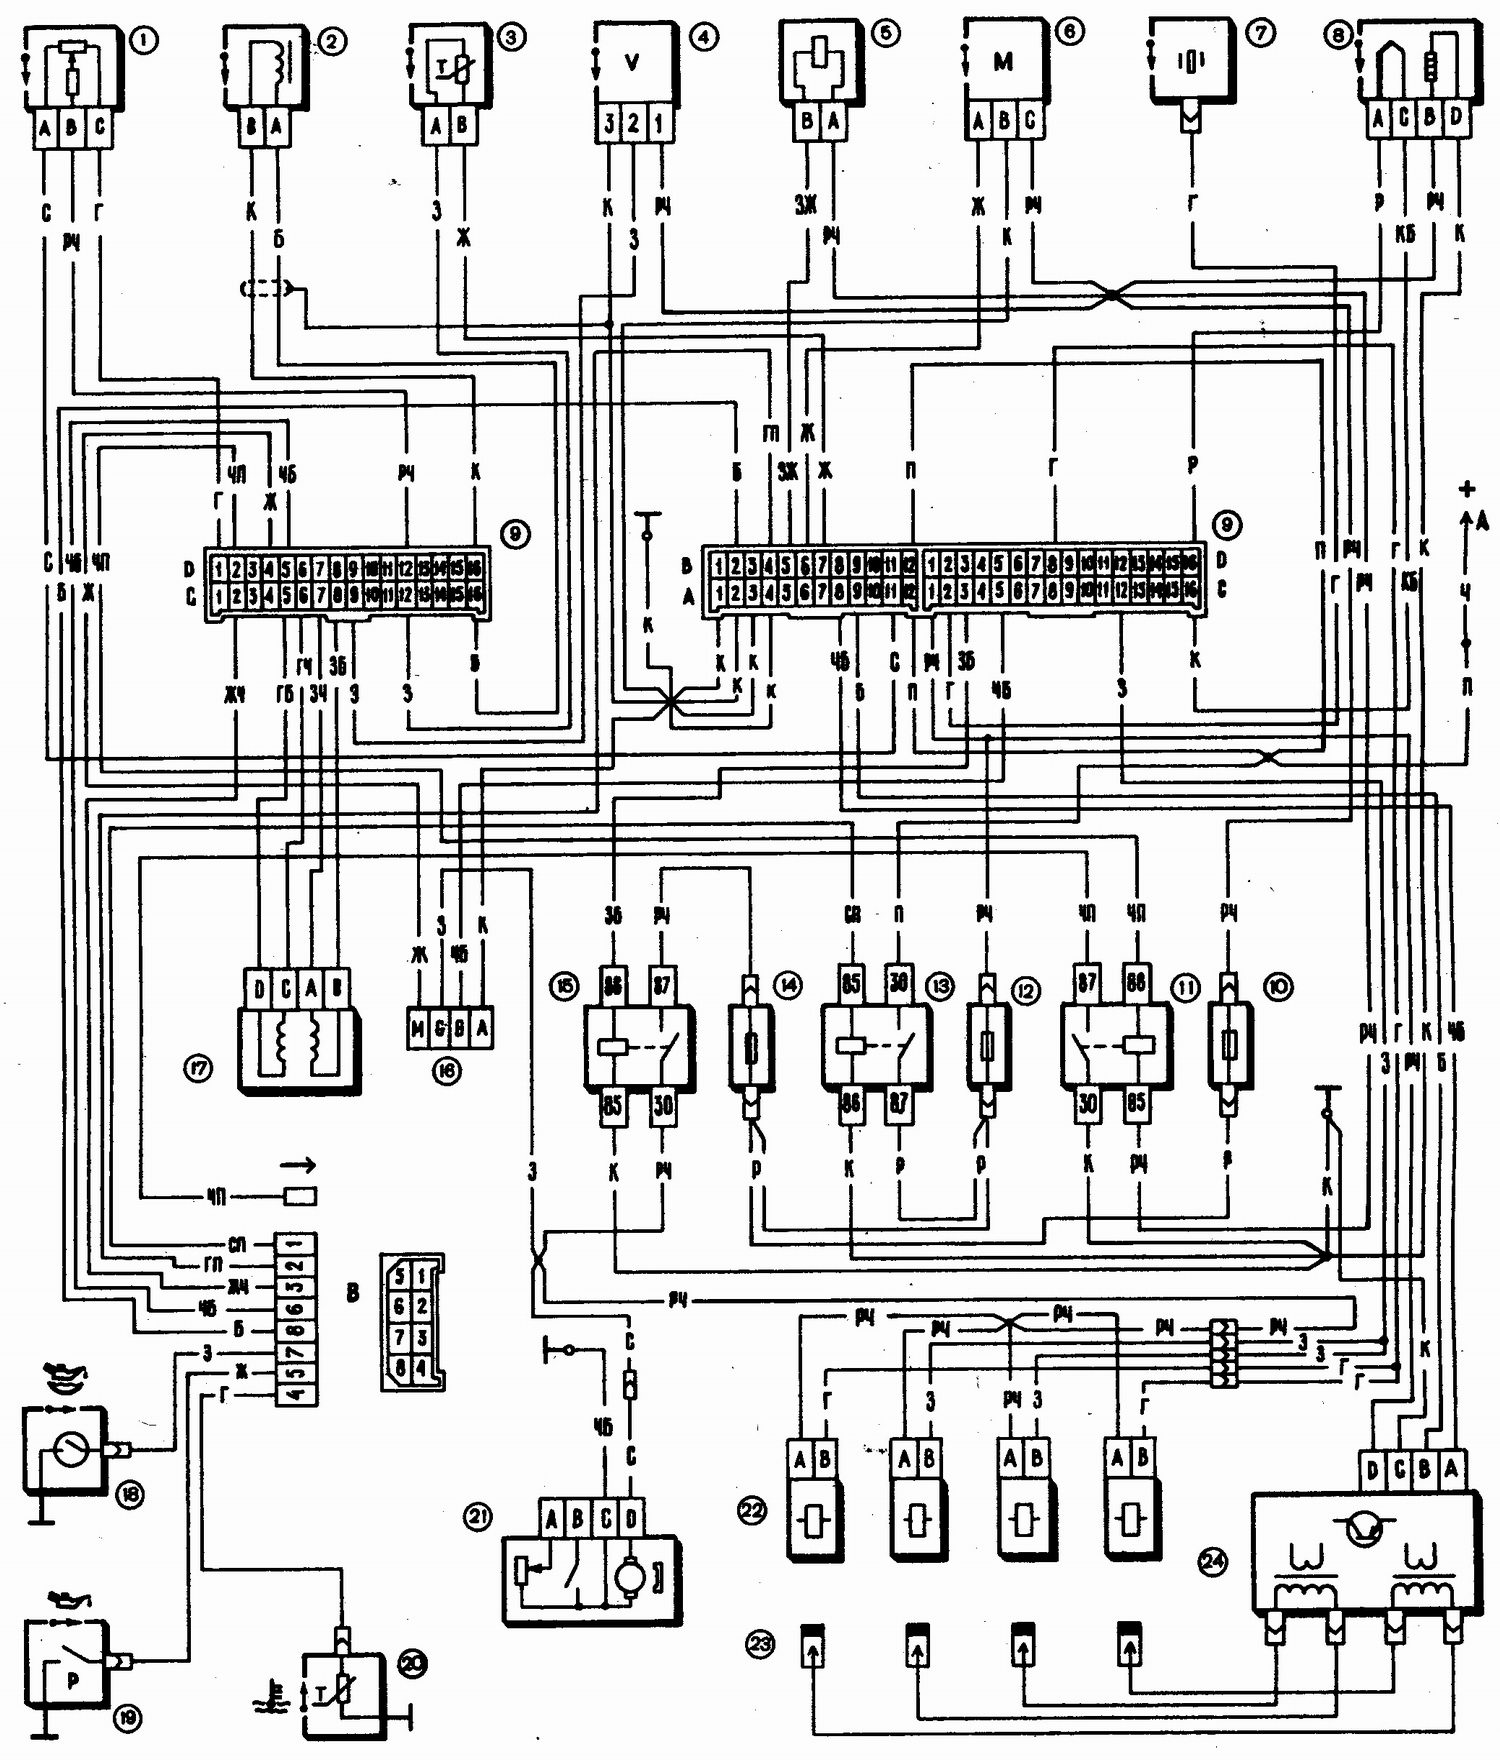 В руководстве рассмотрена конструкция узлов и систем автомобилей ВАЗ-2110, -2111, -2112.